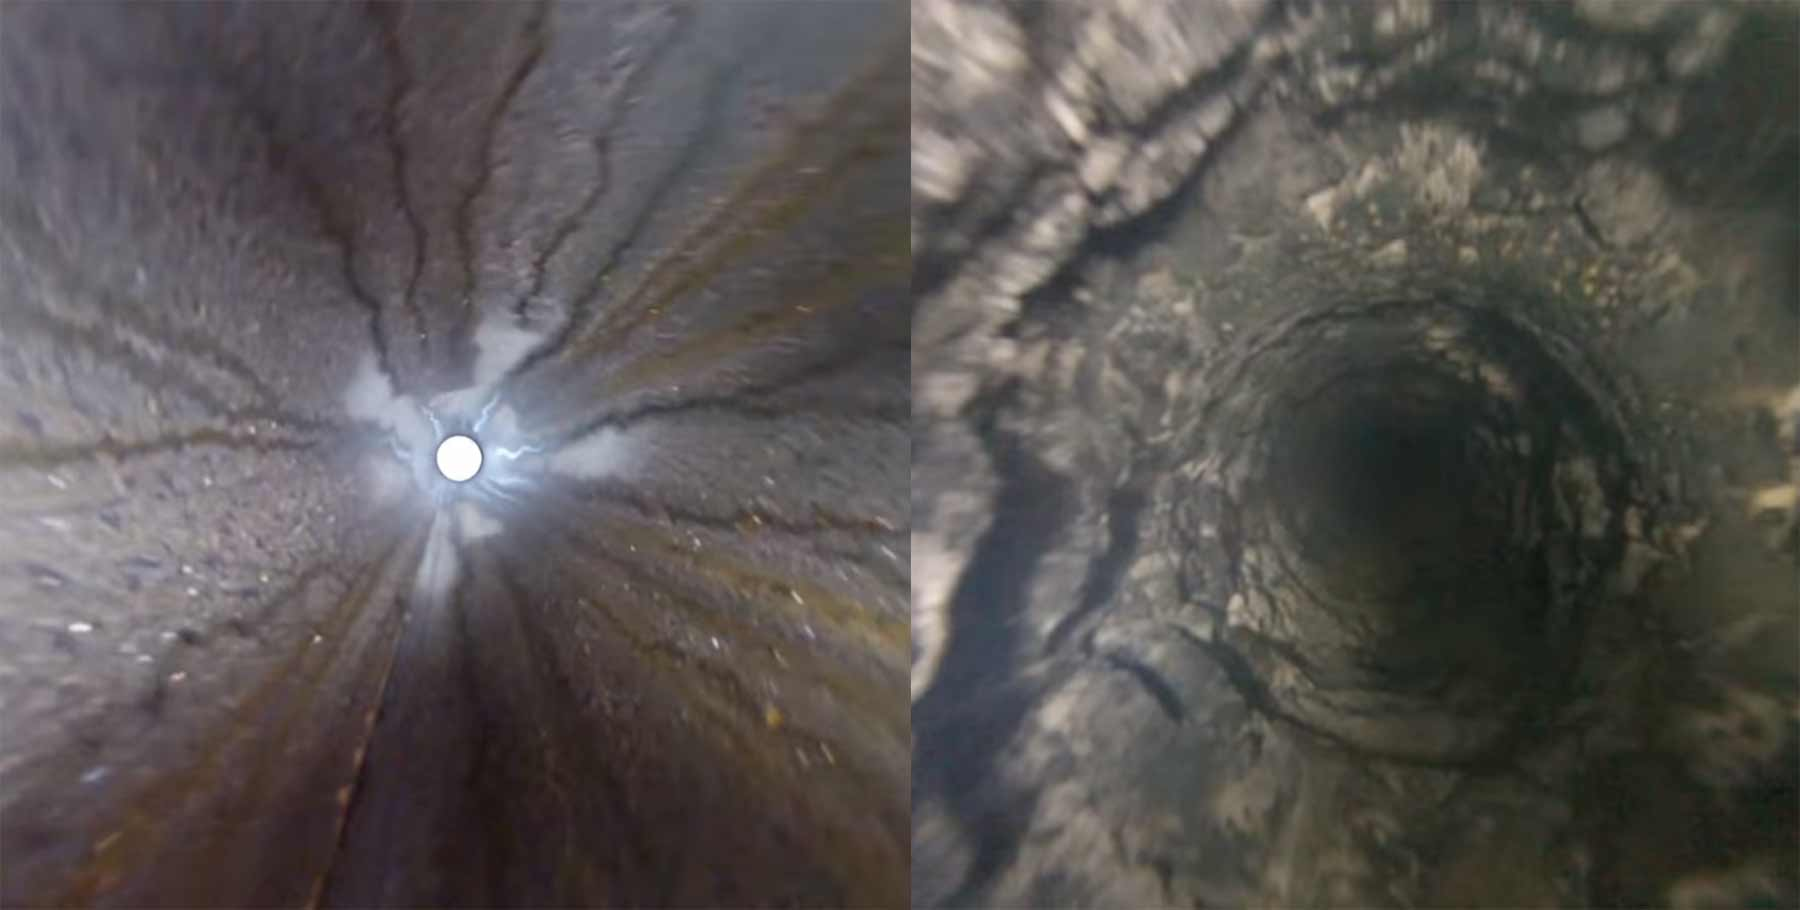 GoPro in frisch gebohrten Brunnen heruntergelassen gopro-in-brunnen-runterlassen